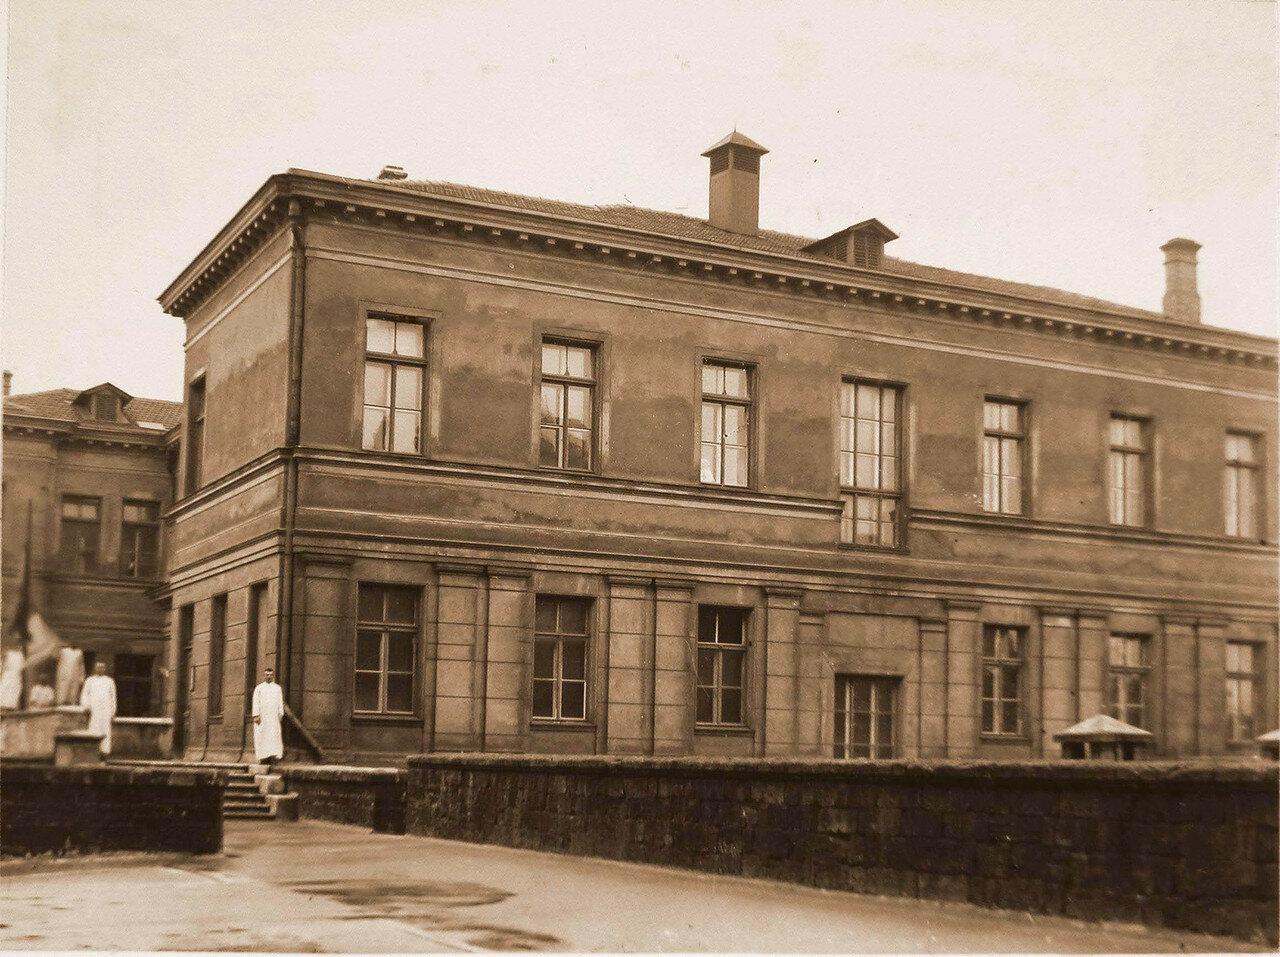 03. Часть фасада офицерского лазарета (вид со двора)